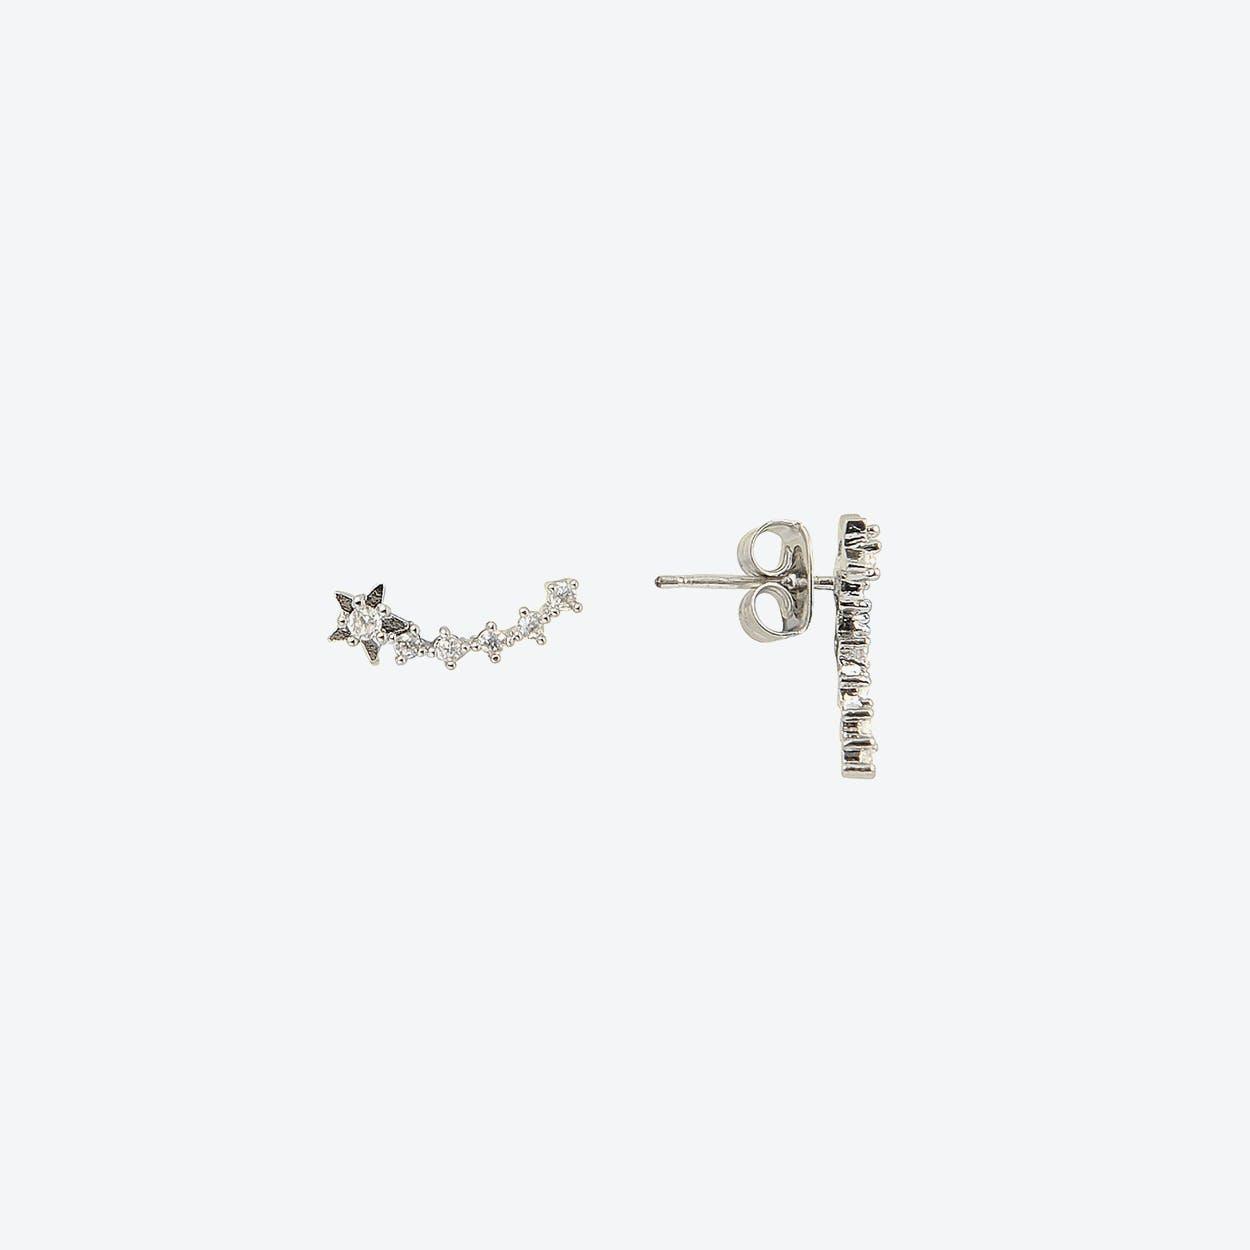 White Gold Shooting Star Stud Earrings